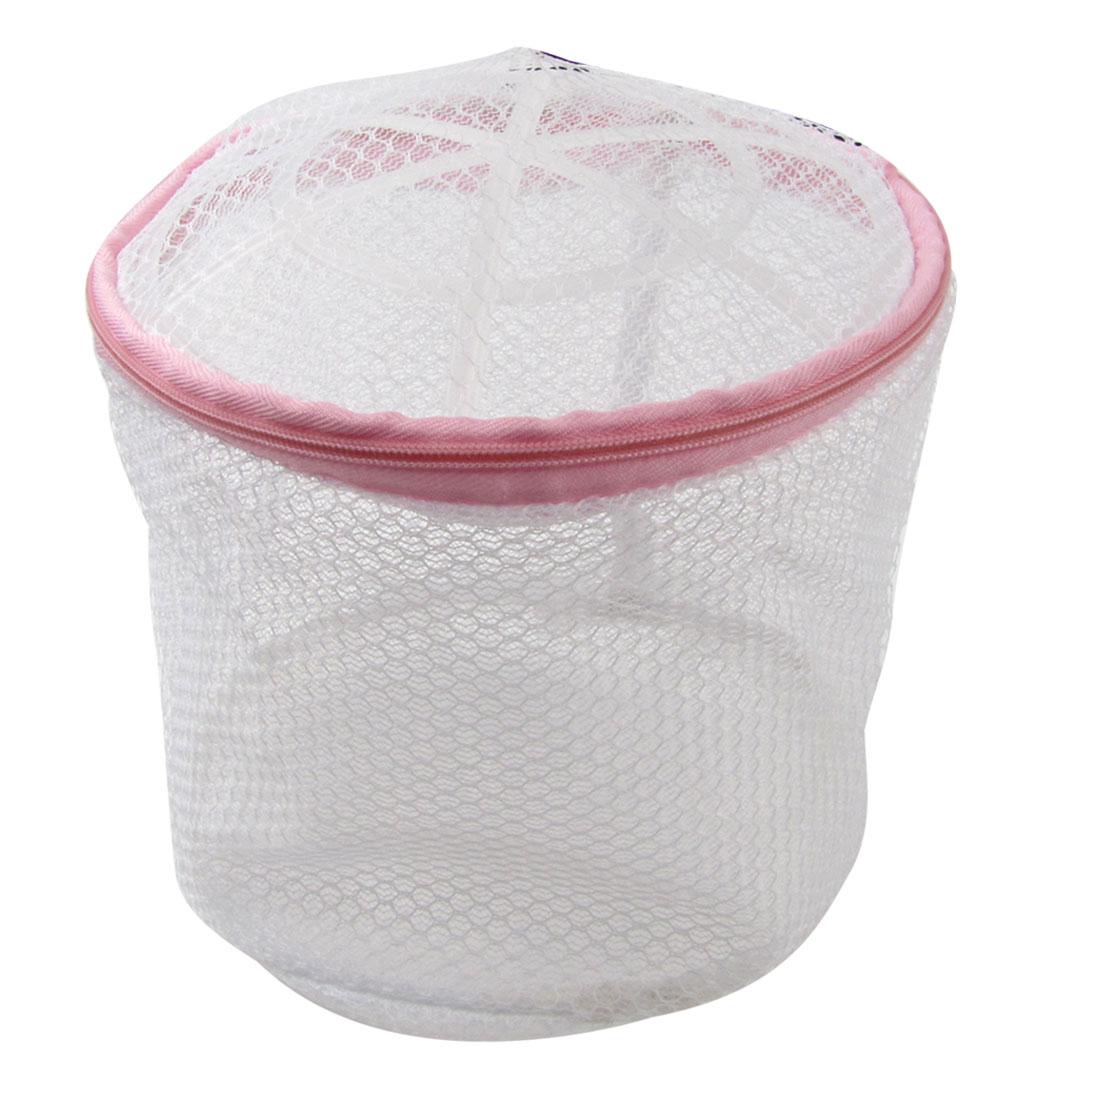 Bathroom Woman Lingerie Bra Plastic Frame Meshy Laundry Basket White